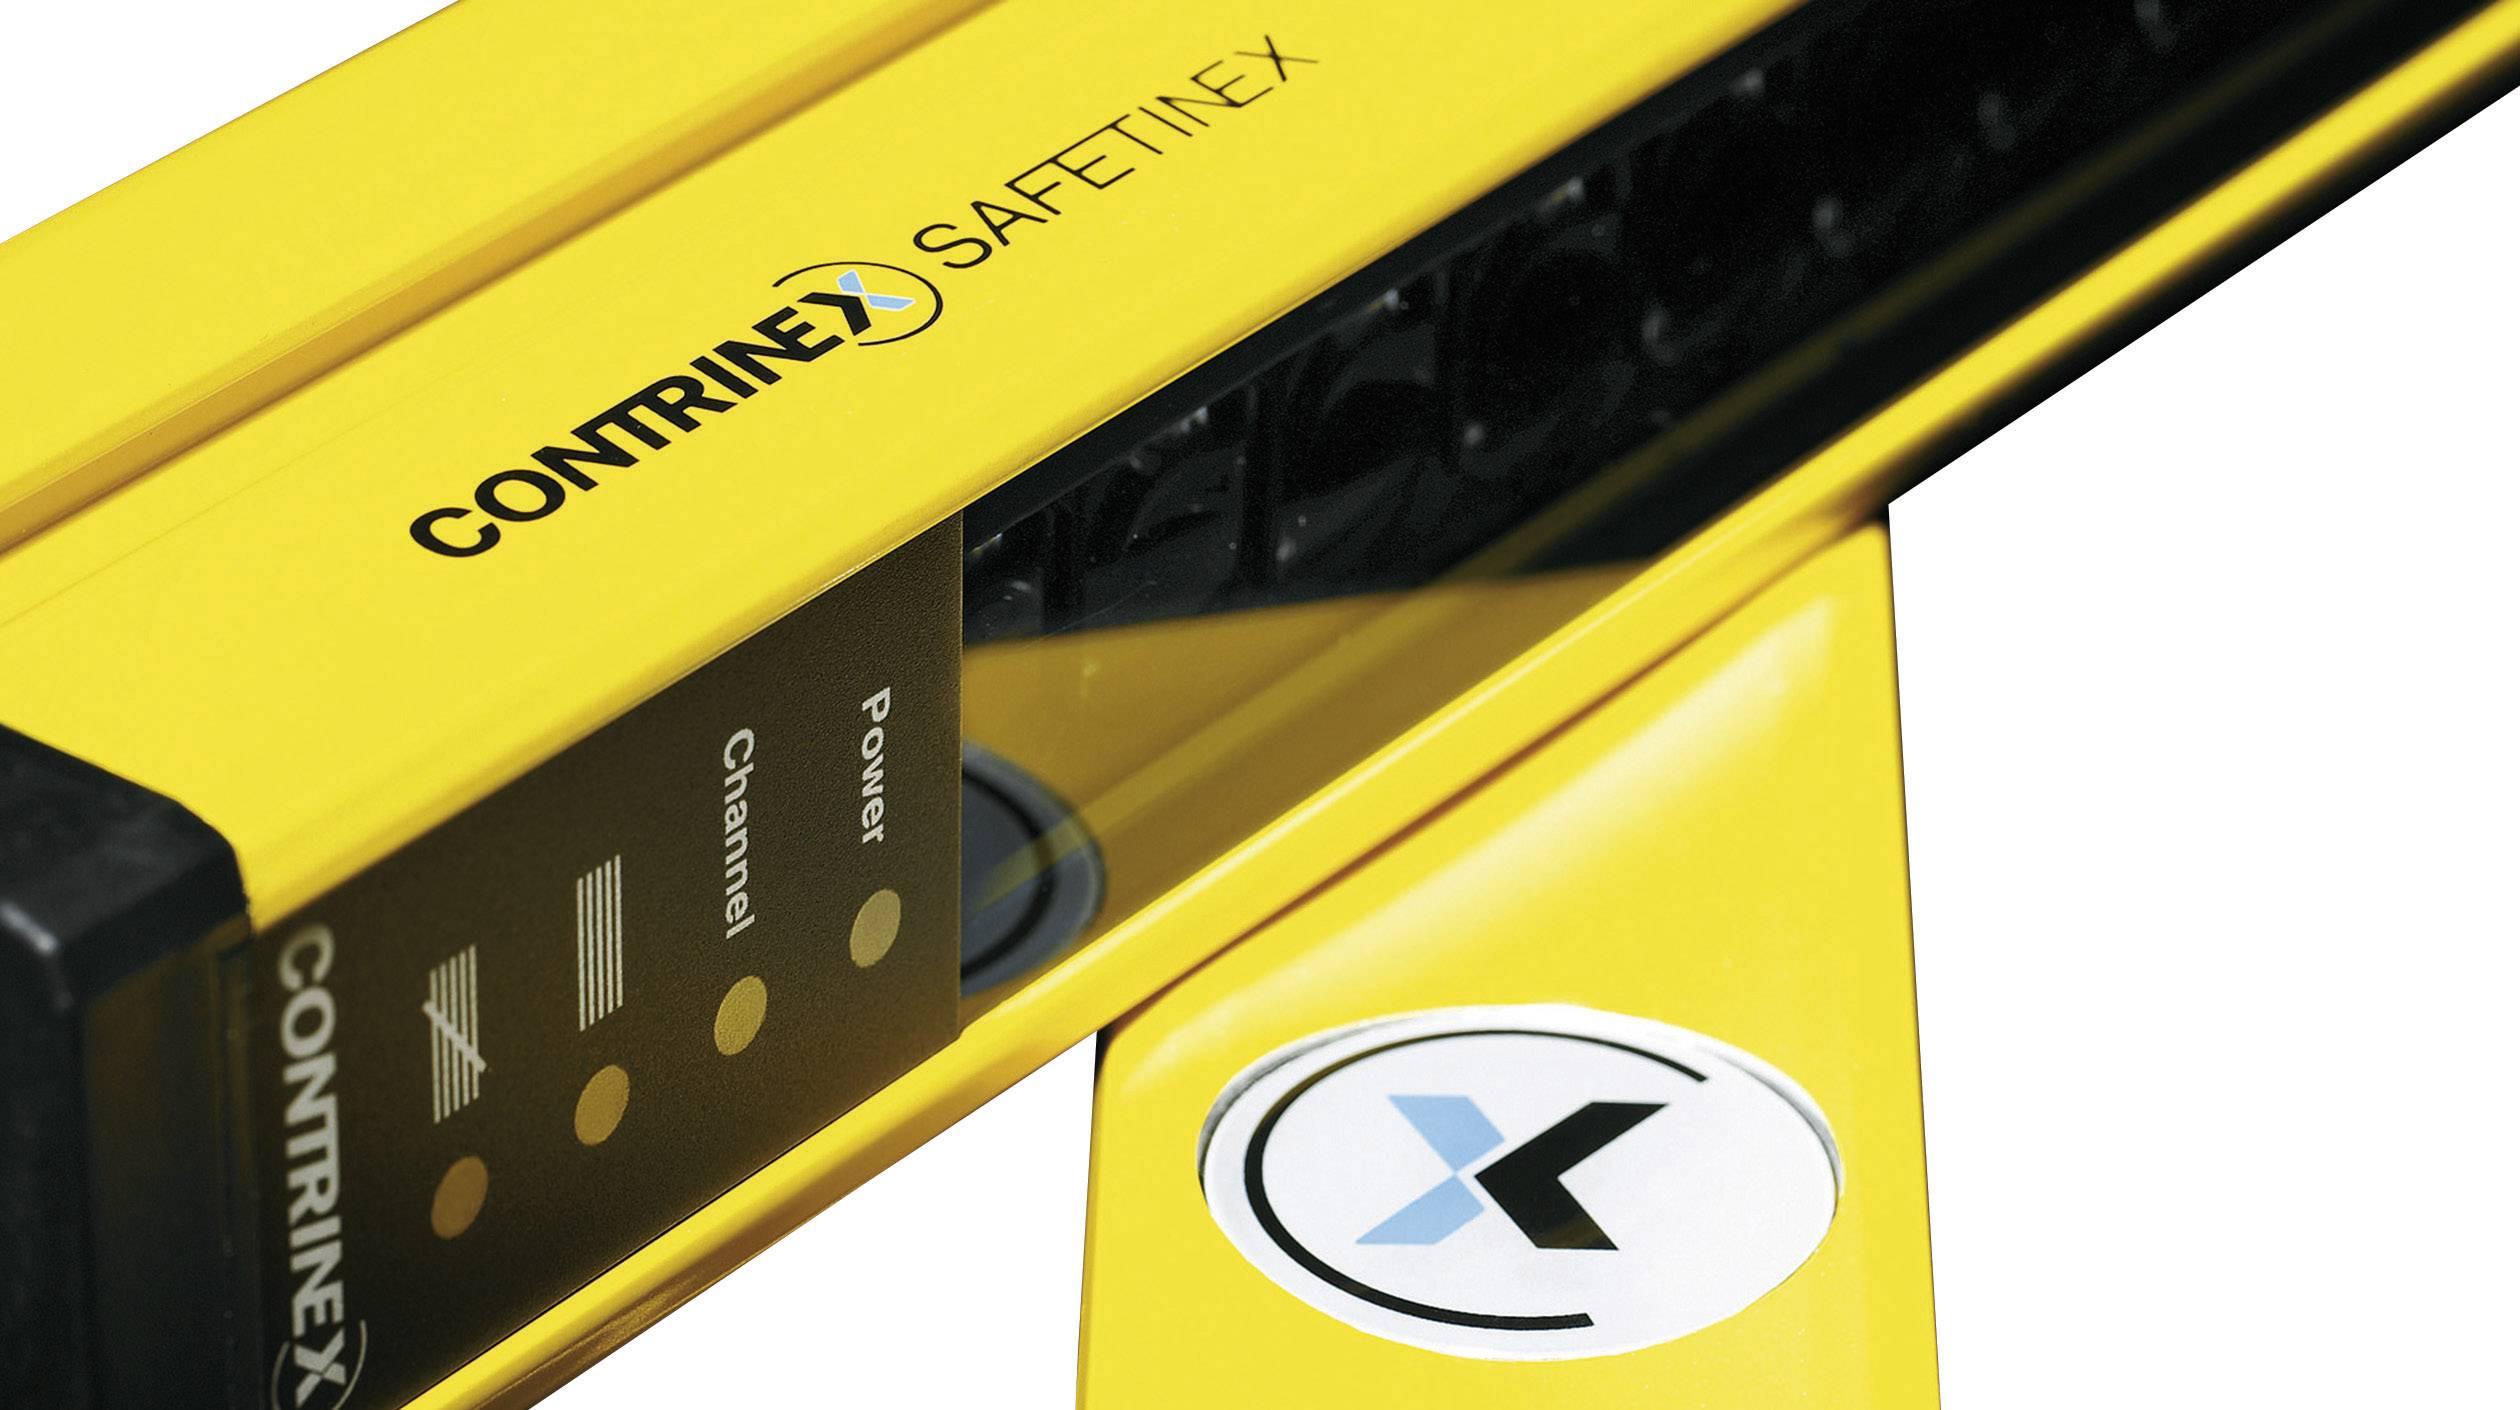 Bezpečnostní světelná závora pro ochranu rukou Contrinex YBB-30S4-1400-G012 630 000 595